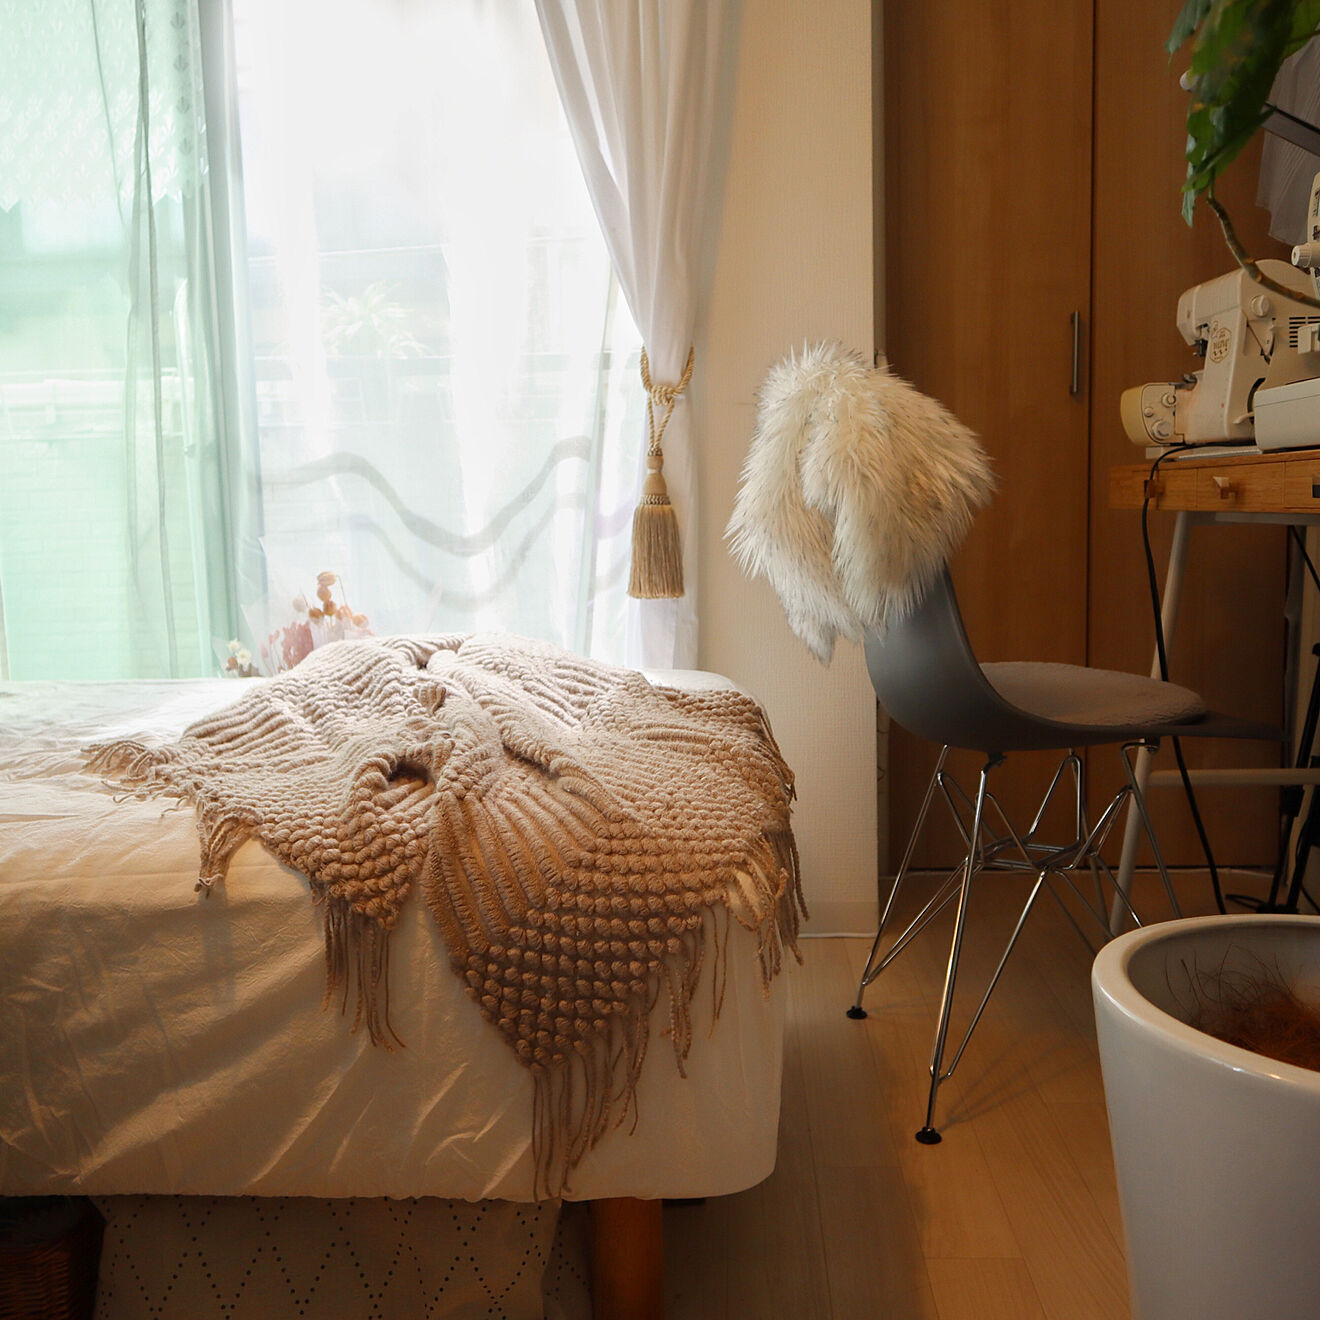 「13m2。海外風に洗練された、癒し系エレガントに好きを楽しむ部屋づくり」 by linenさん